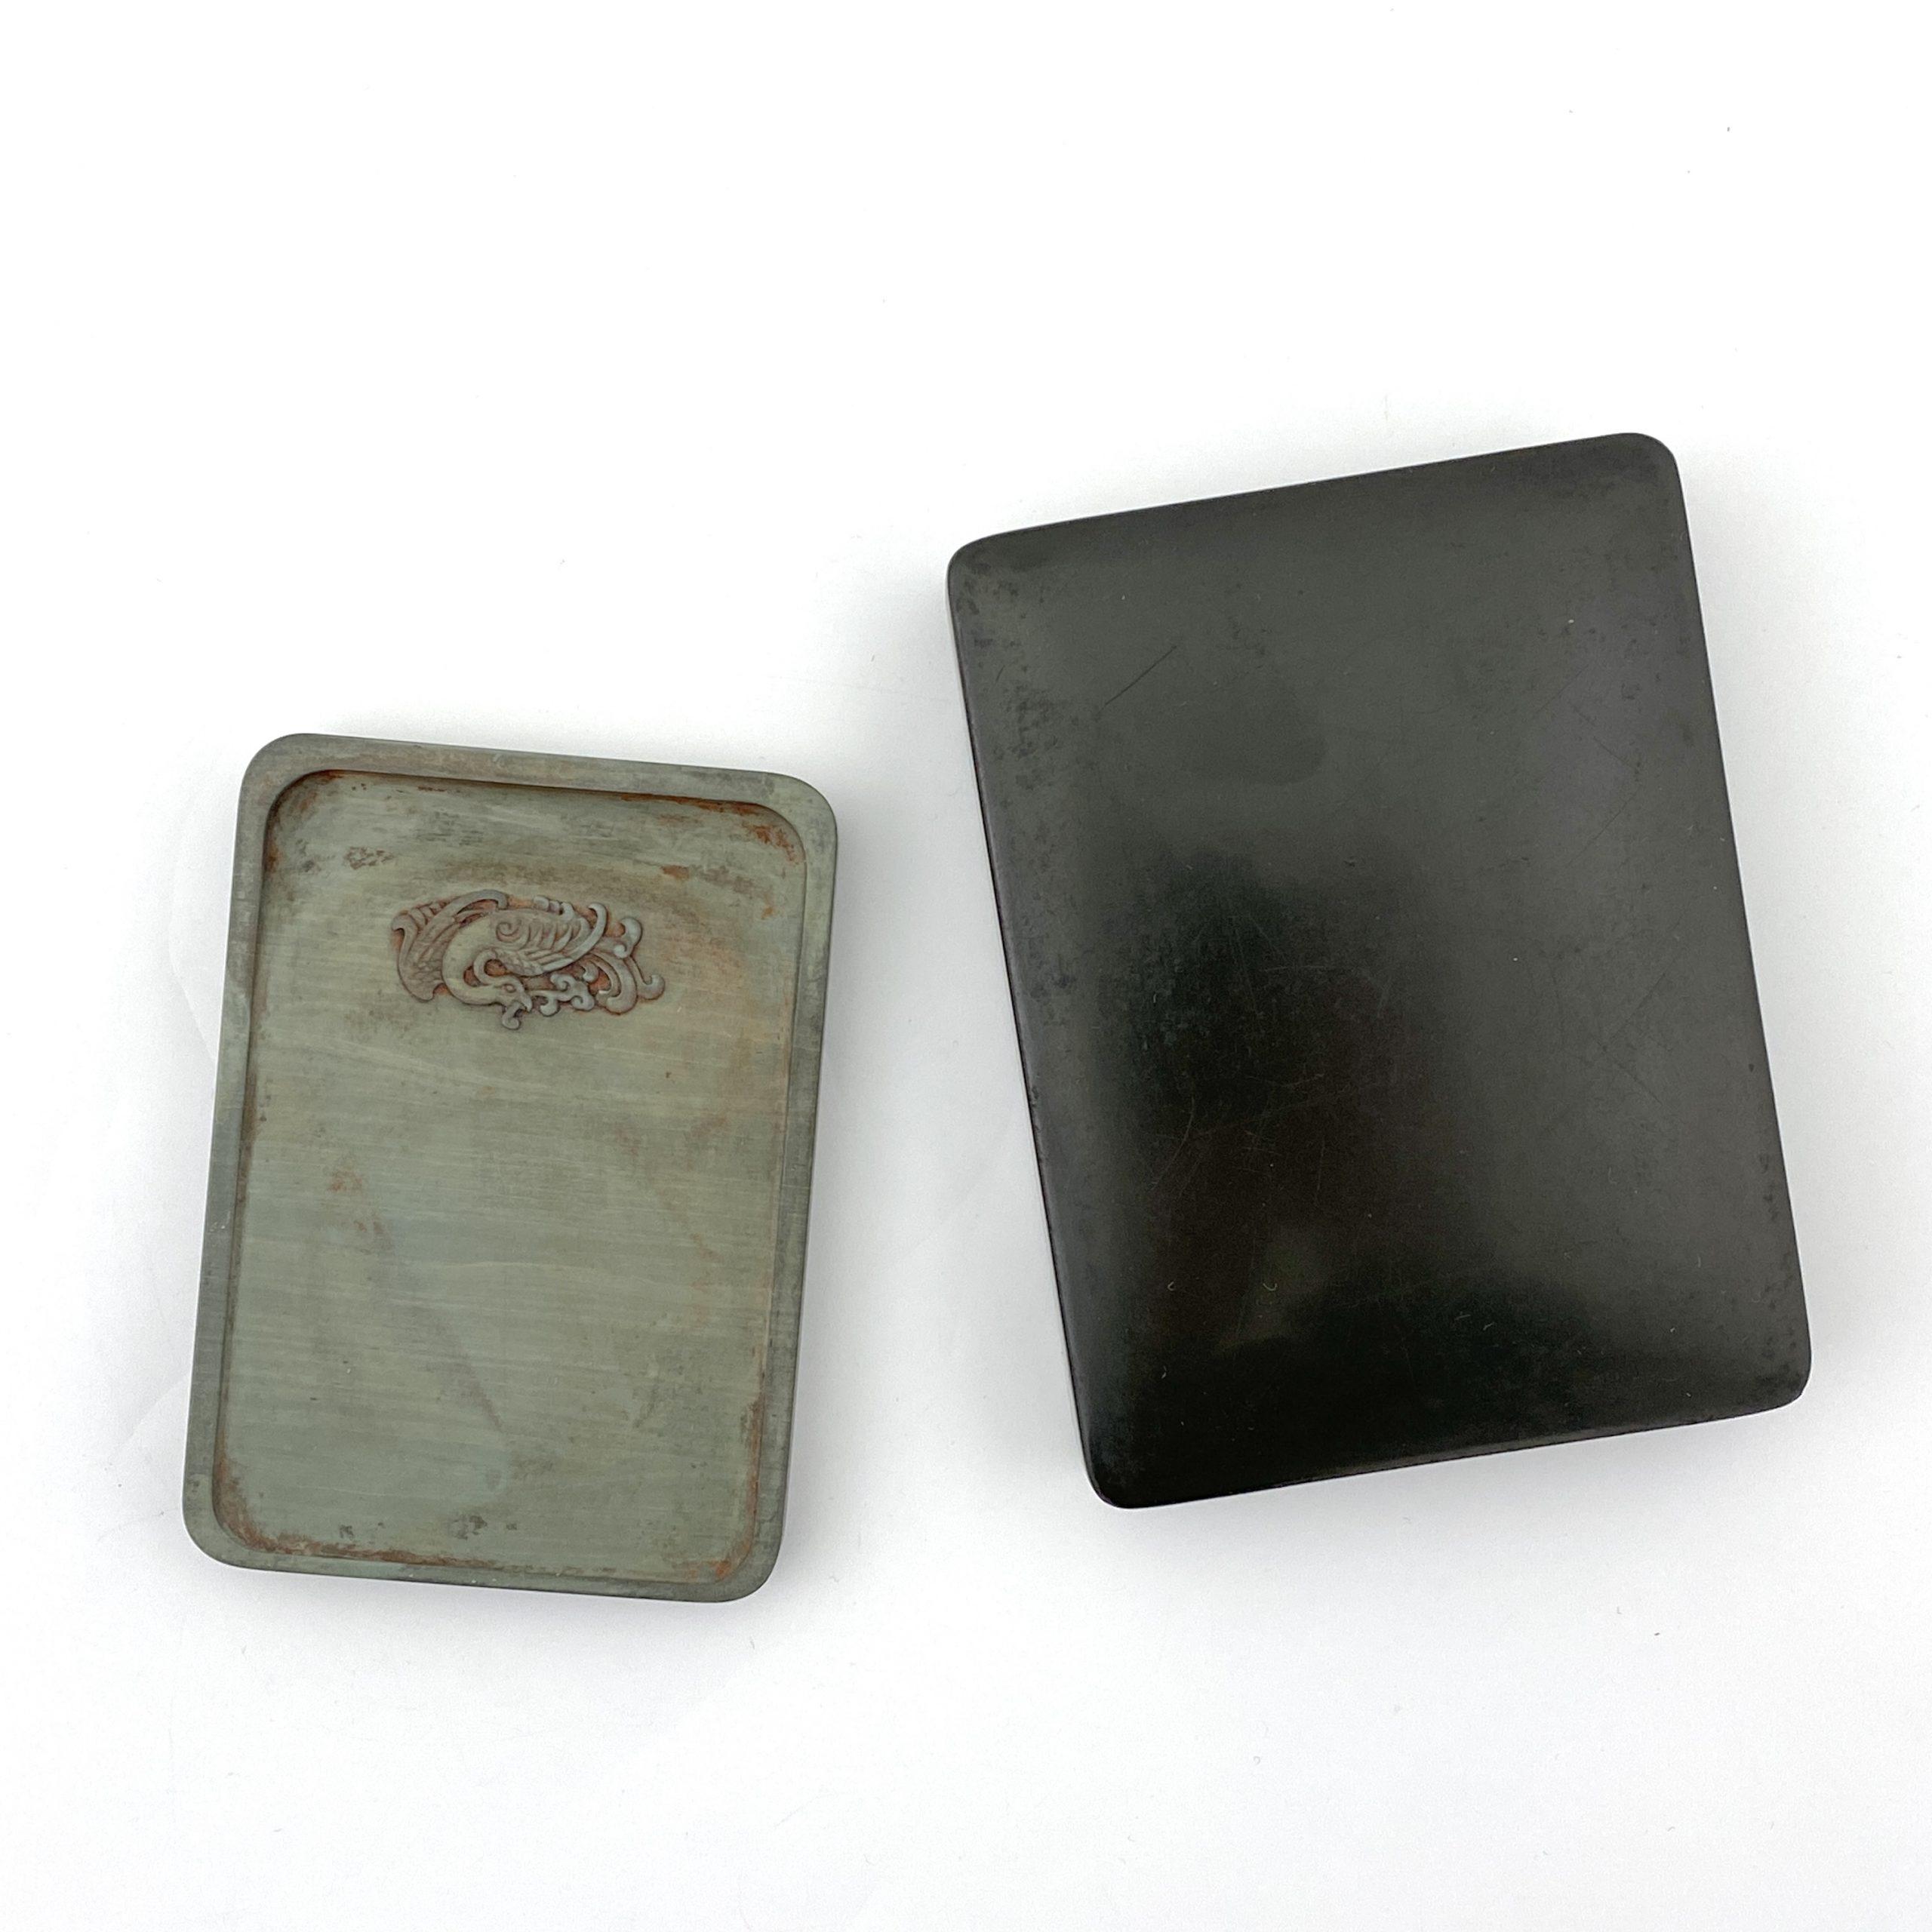 20099「康煕年製」款 松花江石雕 鳳凰紋 硯